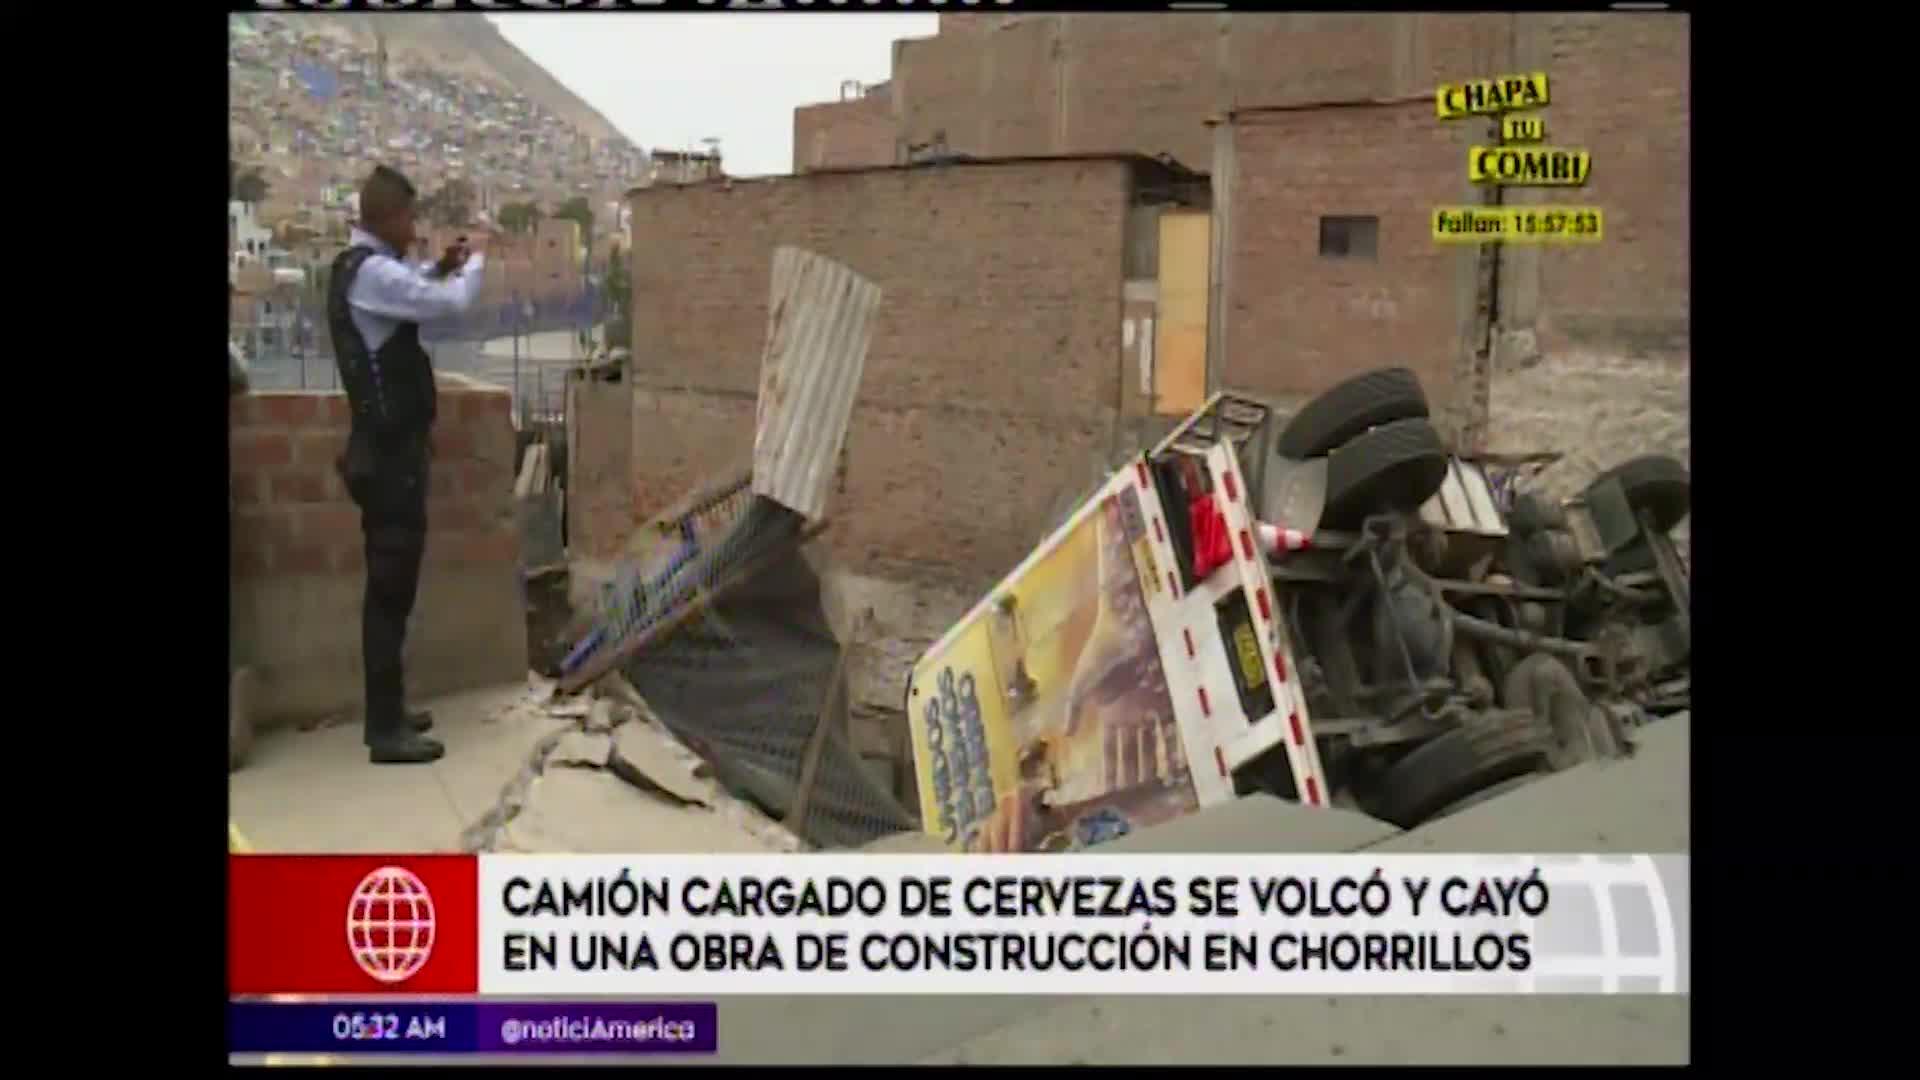 Camión repartidor de cerveza sufre volcadura sobre vivienda en construcción